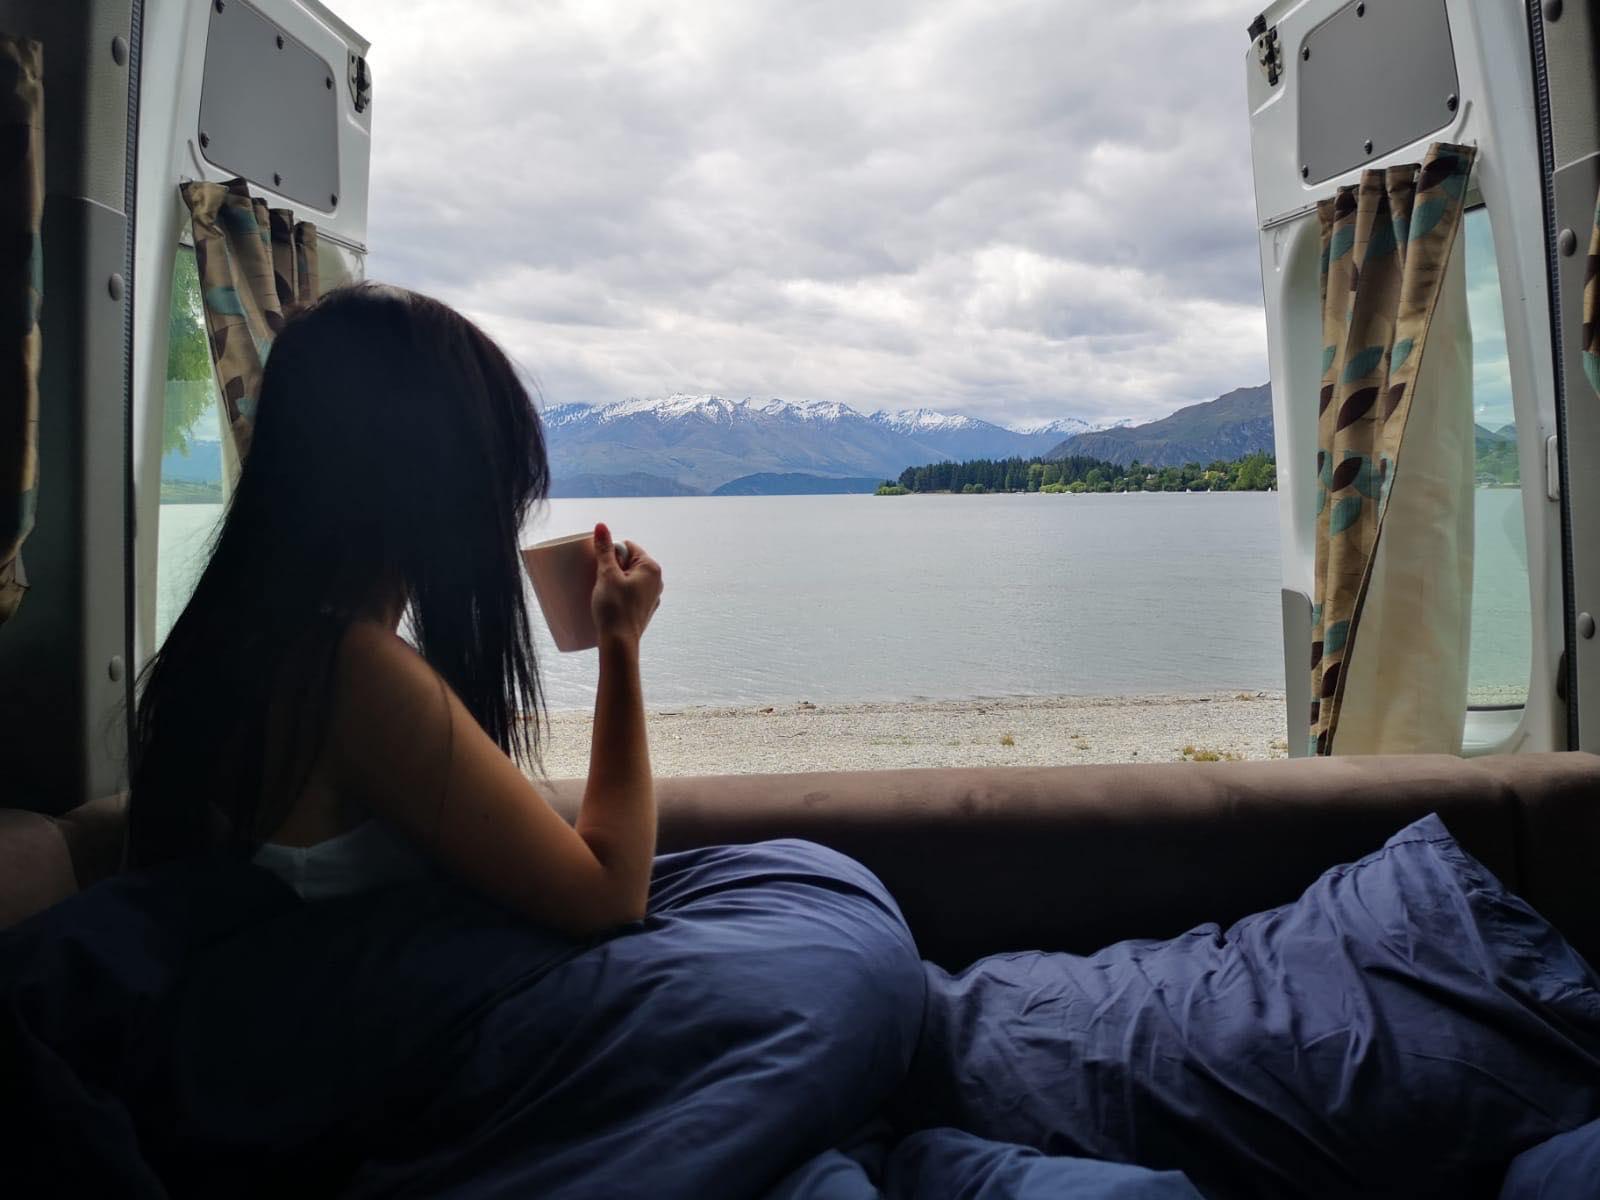 Maui Motorhome Views of New Zealand